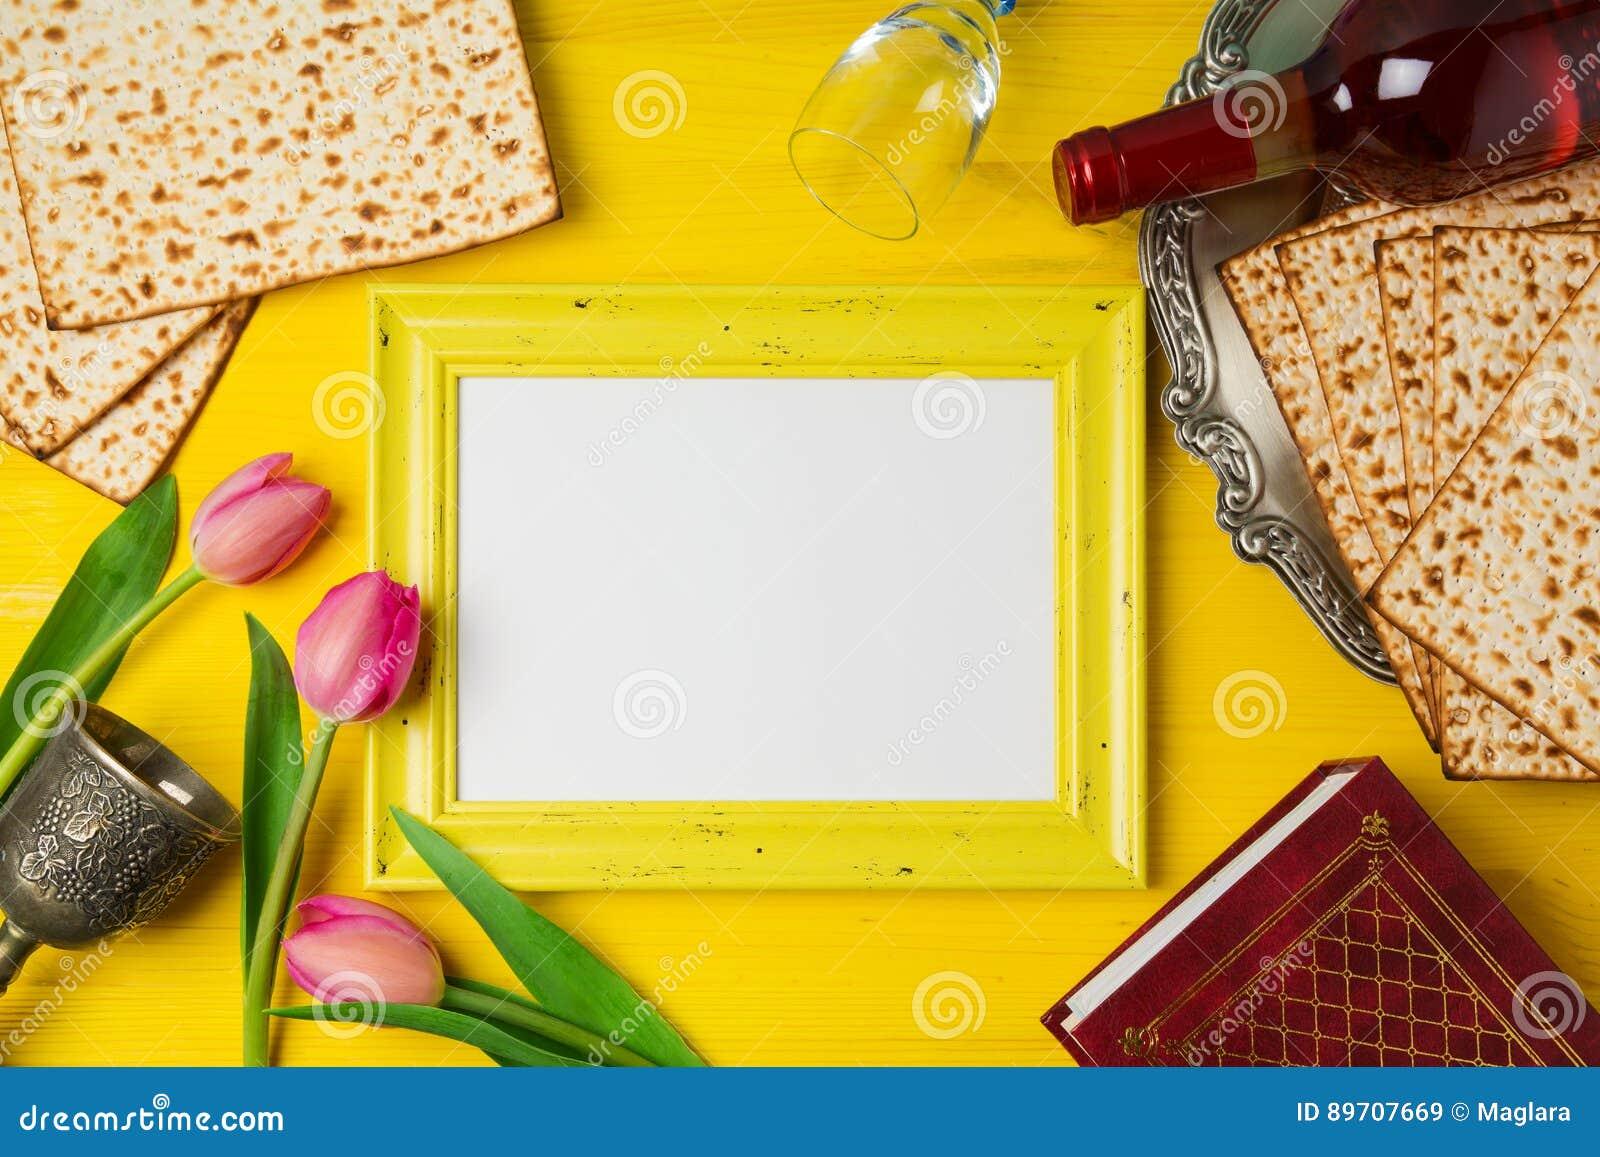 Celebración judía de Pesah de la pascua judía del día de fiesta con el marco de la foto, el matzoh y la botella de vino en fondo